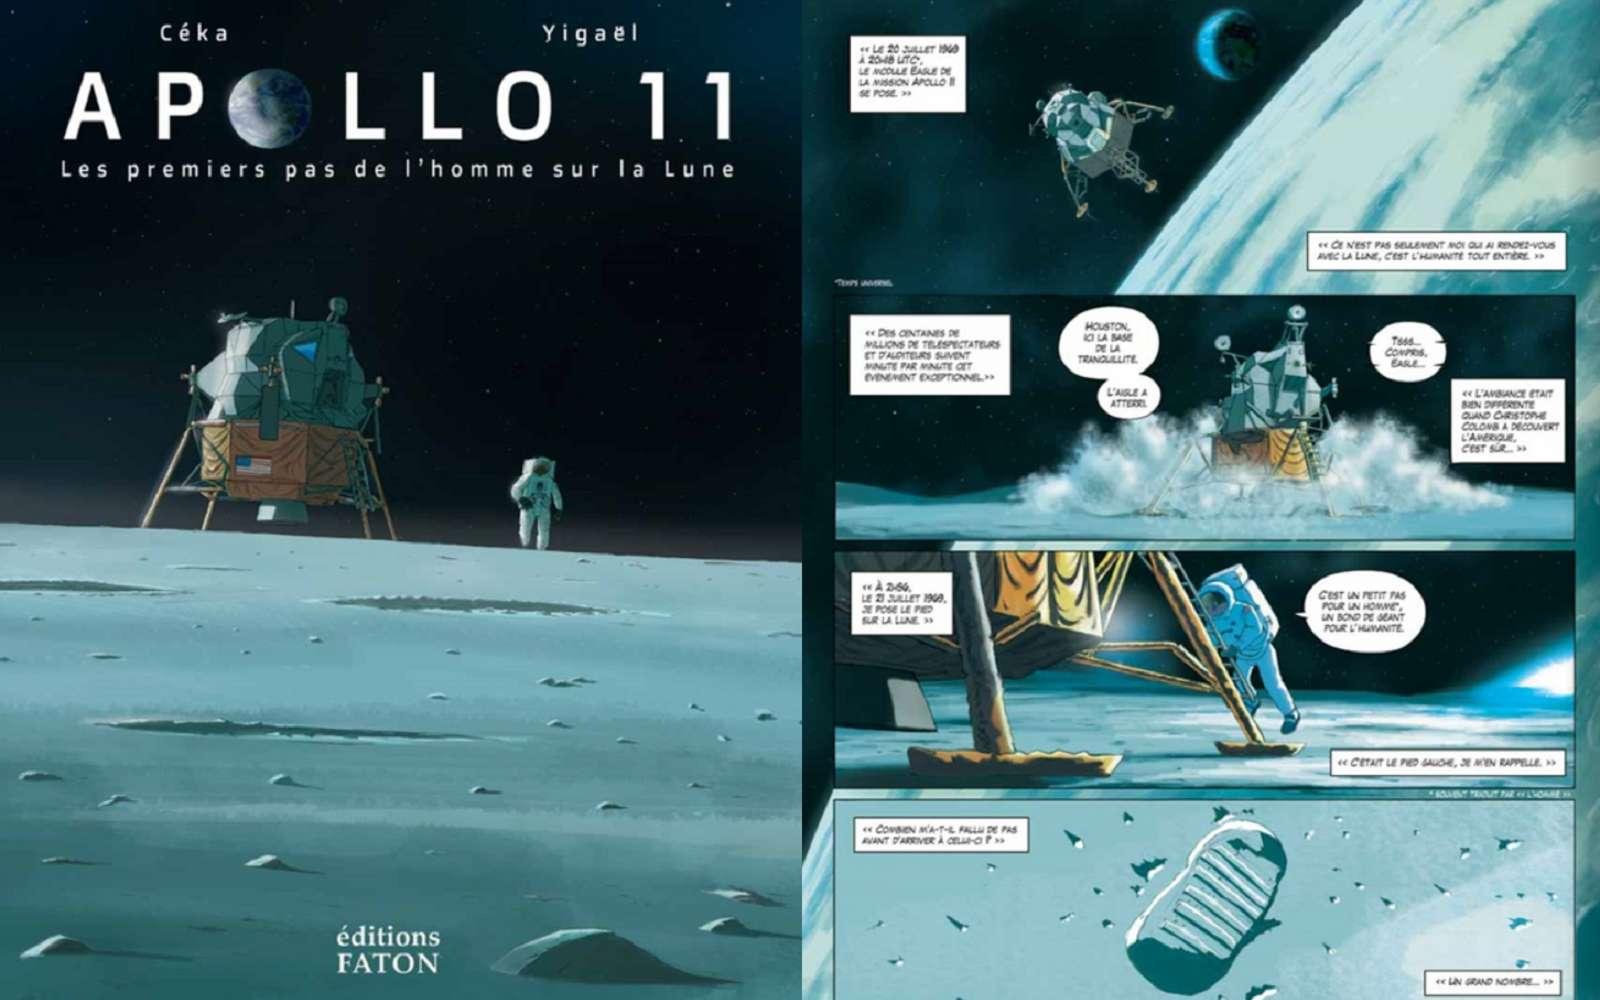 L'aventure spatiale du siècle dernier se vit dans les bottes de Neil Armstrong à travers la BD Apollo 11 Les premiers pas de l'Homme sur la Lune. © Éditions Faton